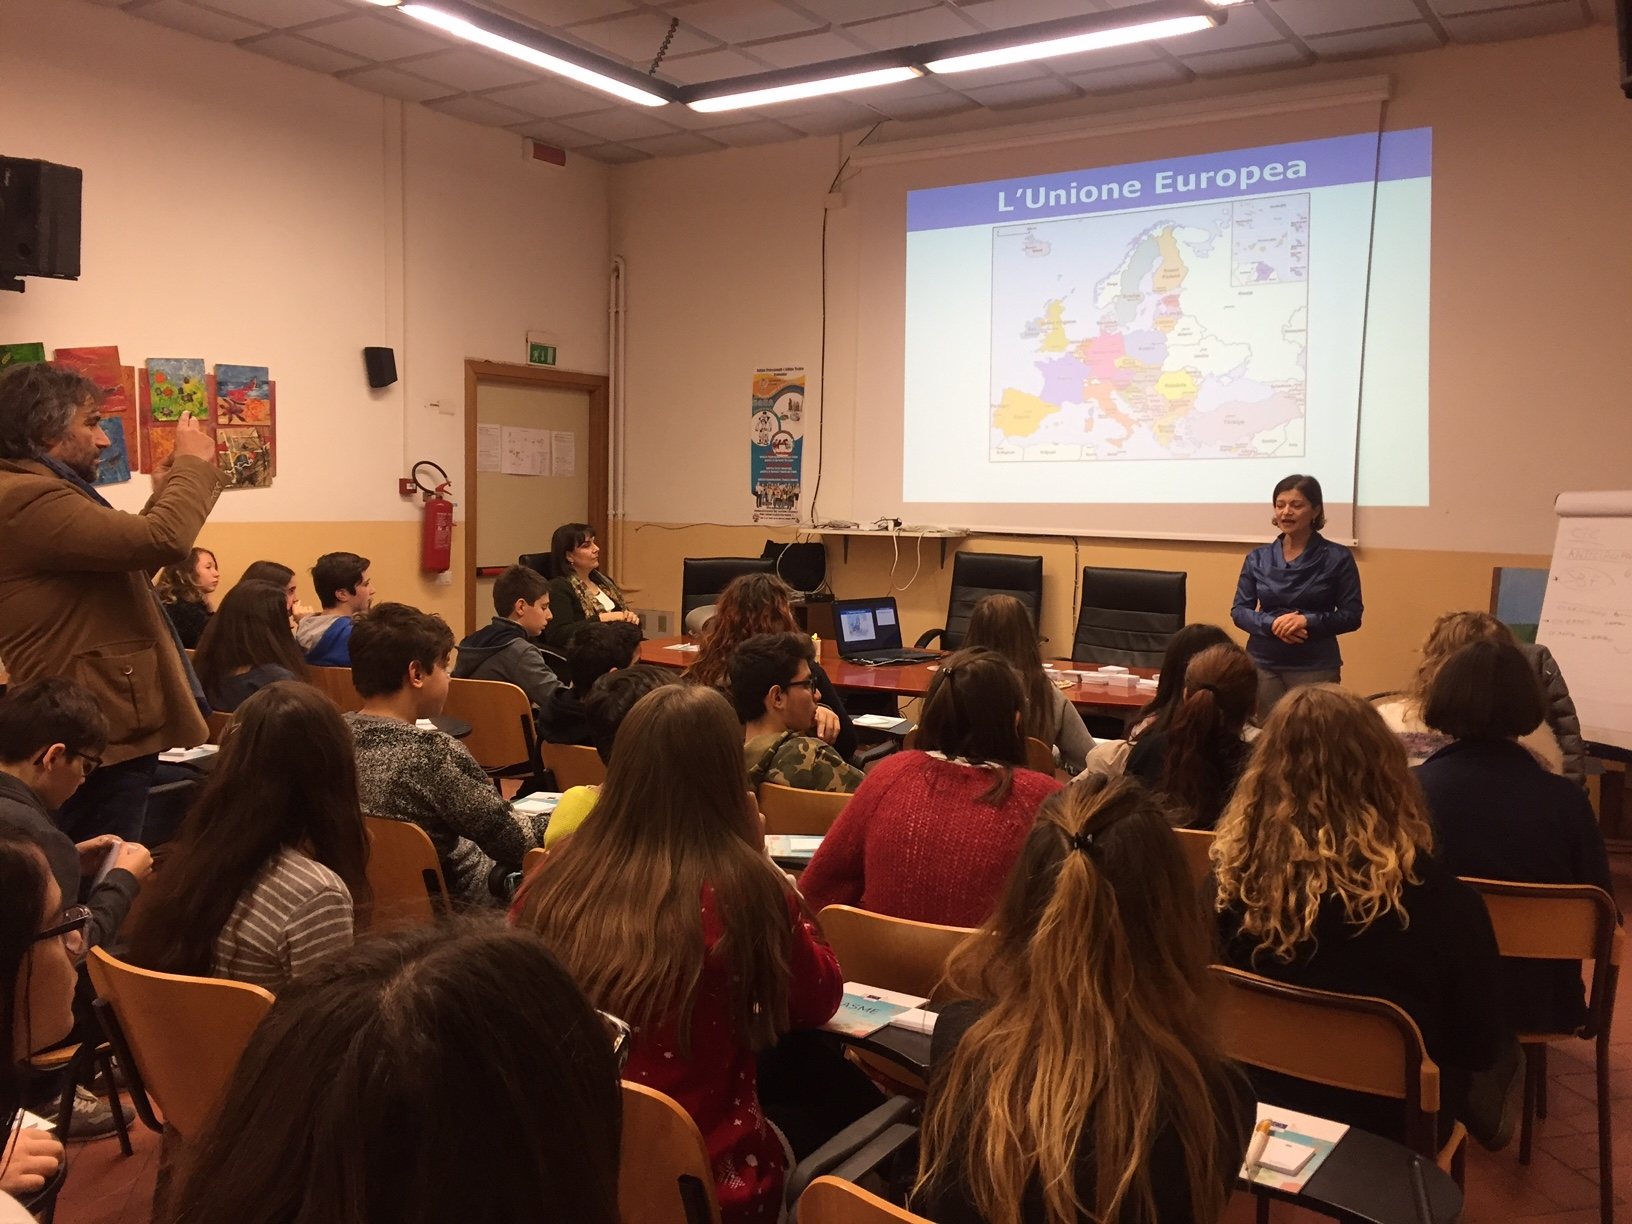 L'Unione Europea alla Scuola Media di Foiano